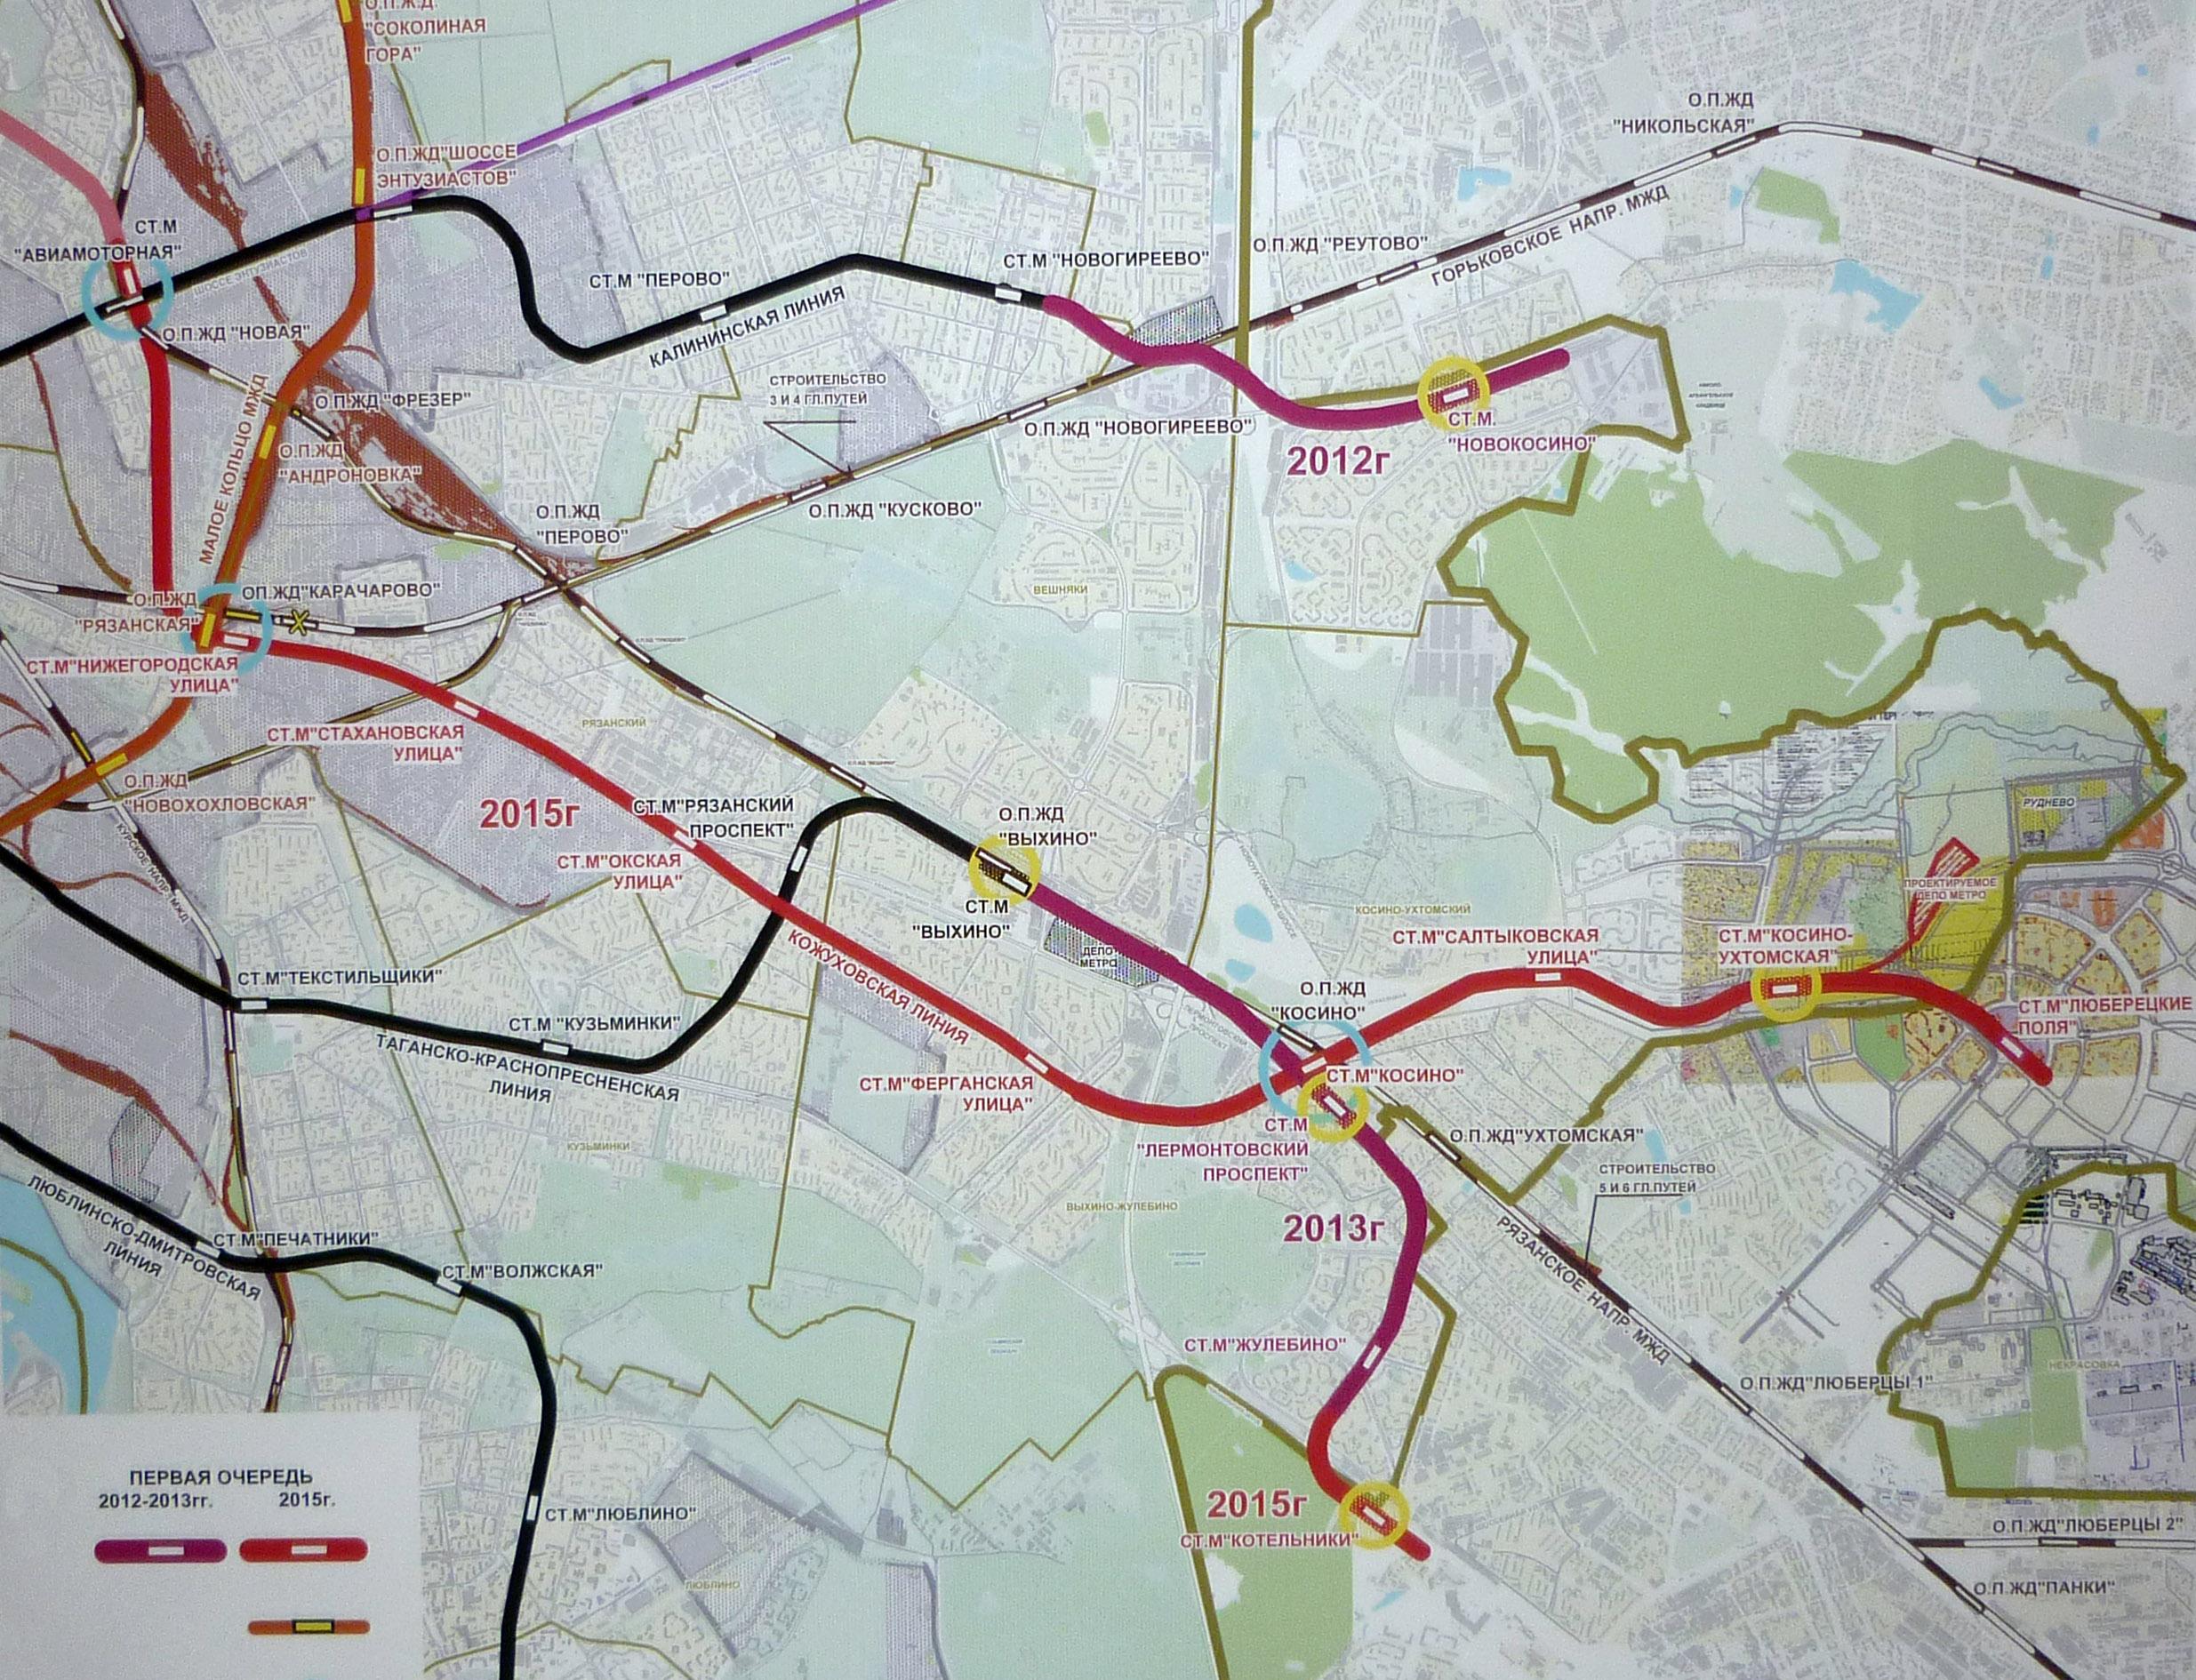 Схема розовой ветки метро на карте москвы